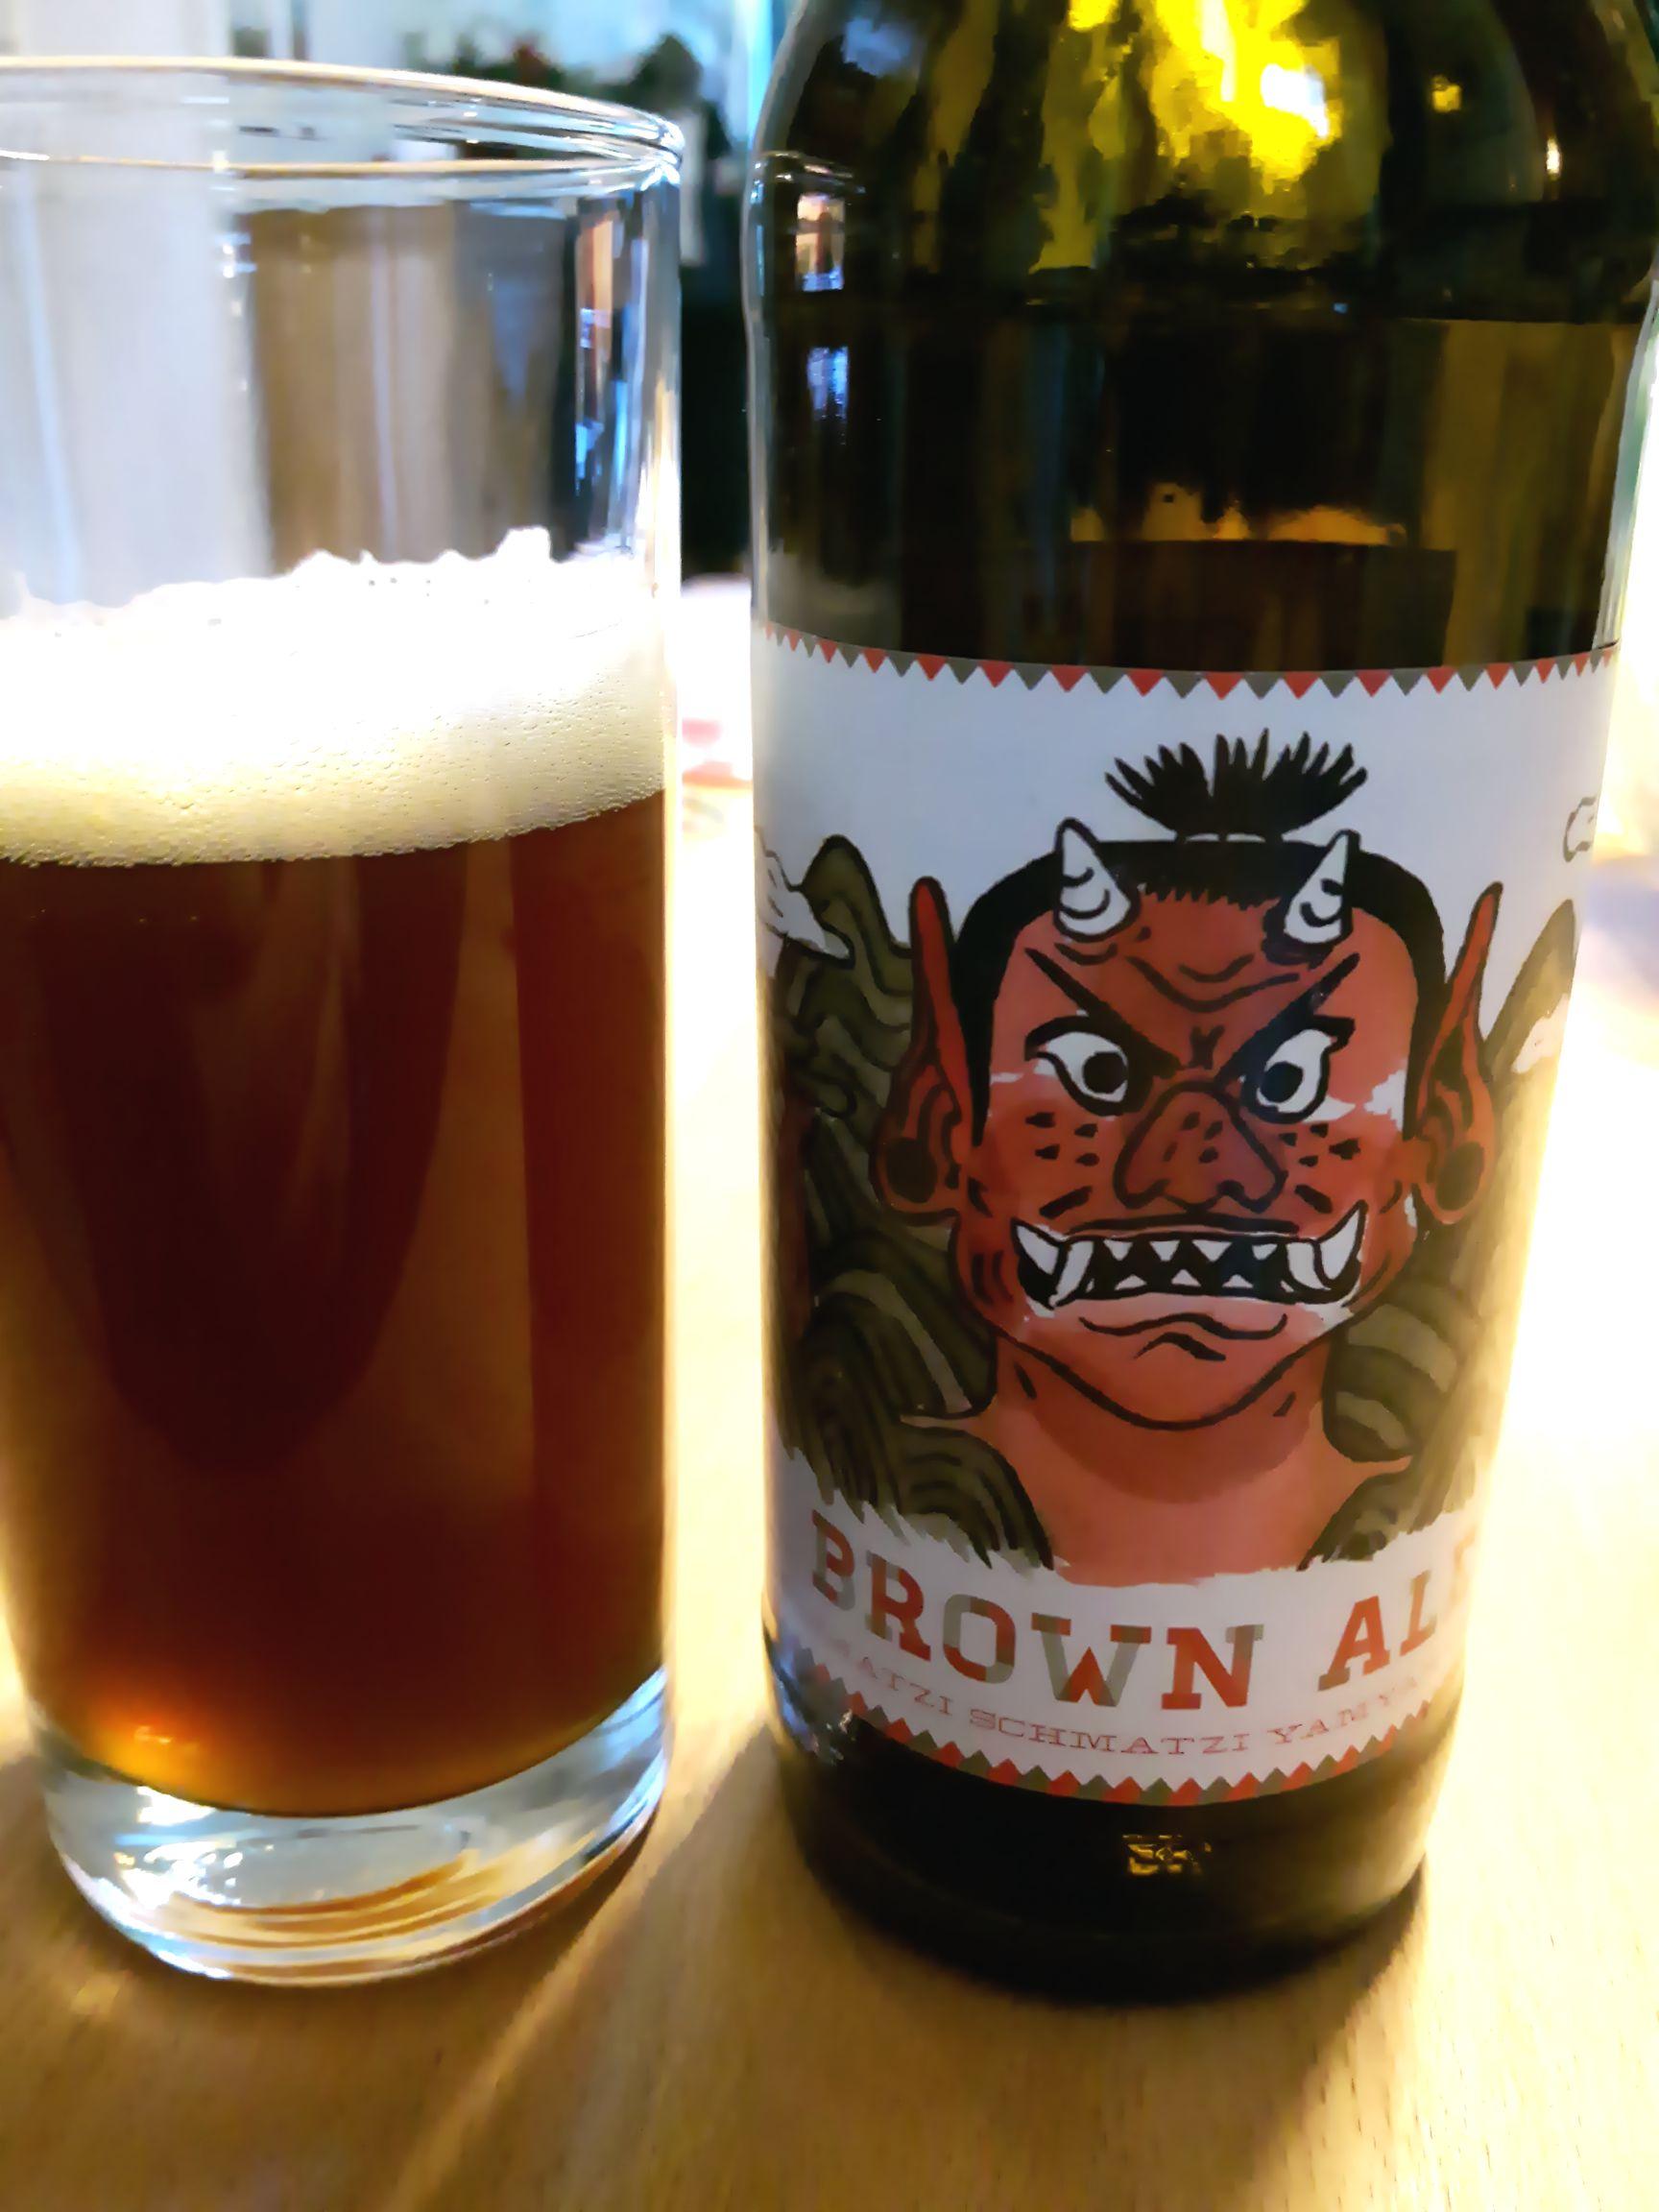 Brownale